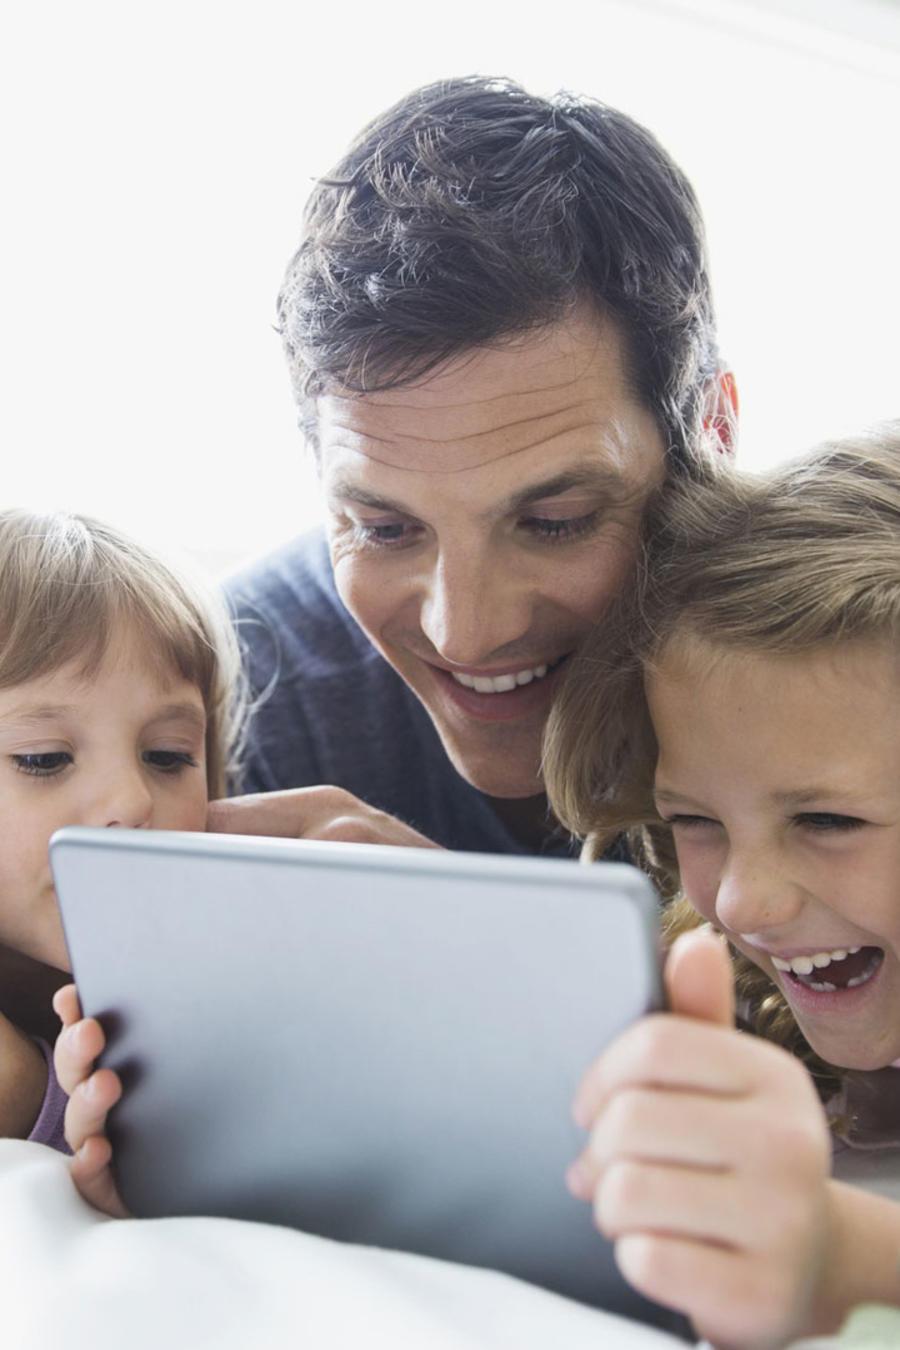 Familia usando una tablet en la cama